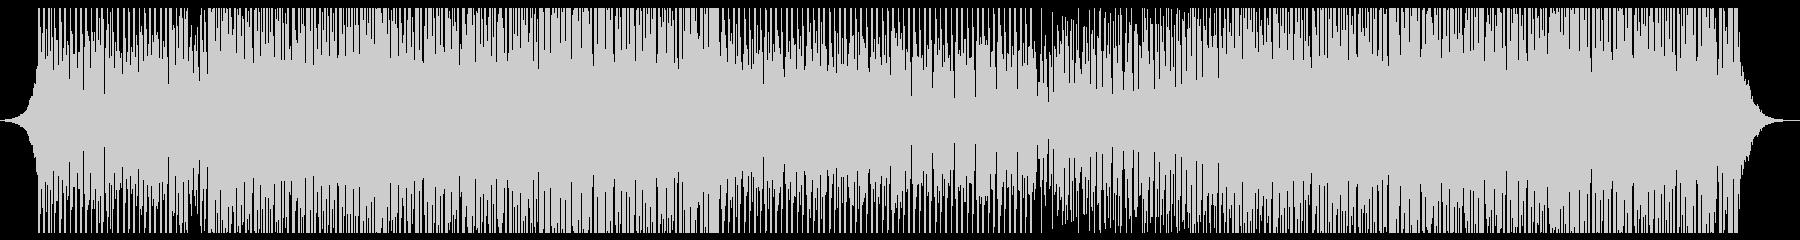 代替案 ポップ ハウス ダンス プ...の未再生の波形